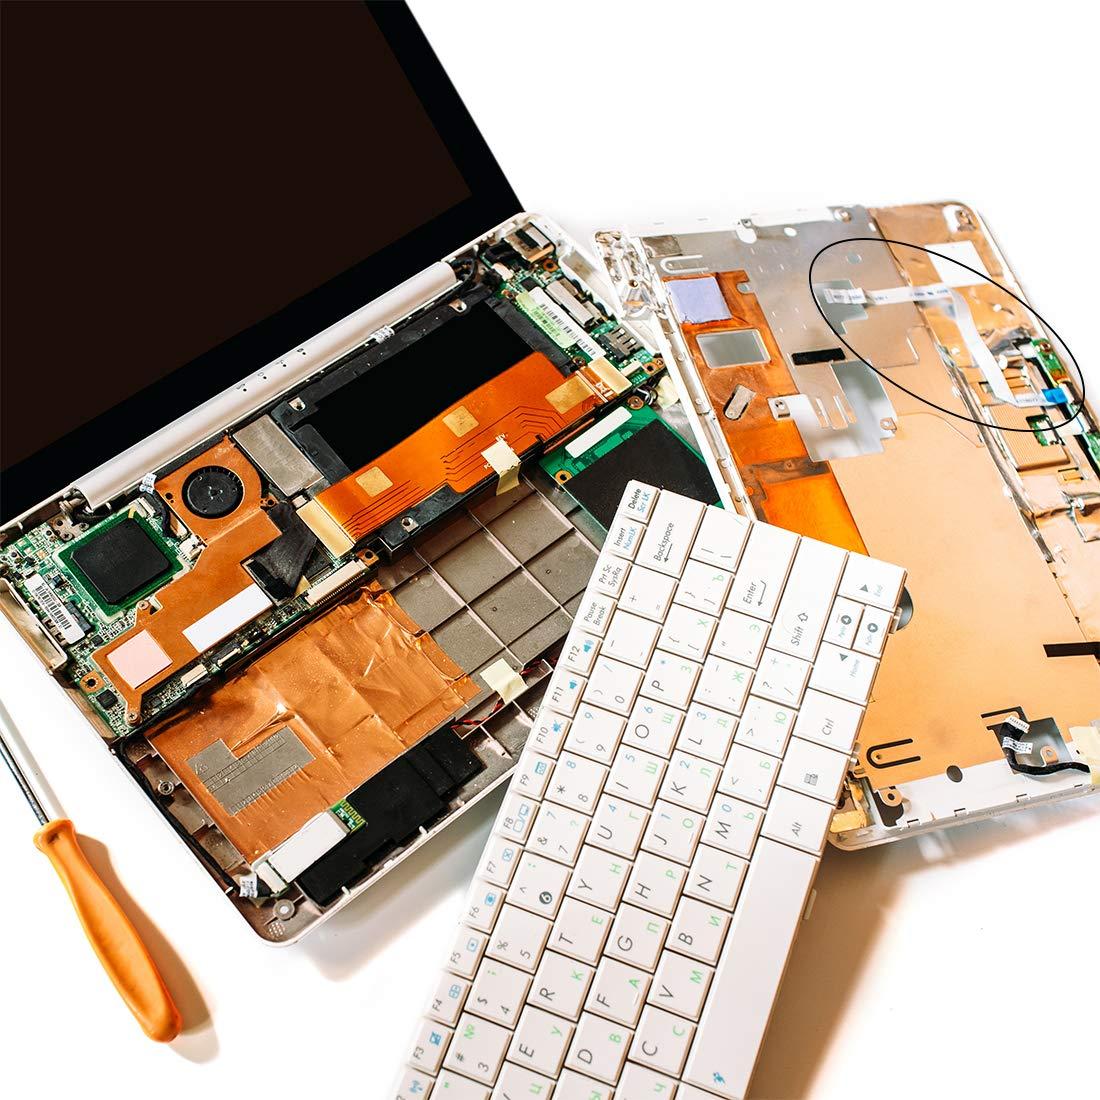 Sourcingmap - Cable plano flexible, 30 pines, 0,5 mm, 100 mm, FPC FFC, cable de cinta flexible para televisor LCD, coche, audio, reproductor de DVD y portátil (tipo A): Amazon.es: Industria, empresas y ciencia